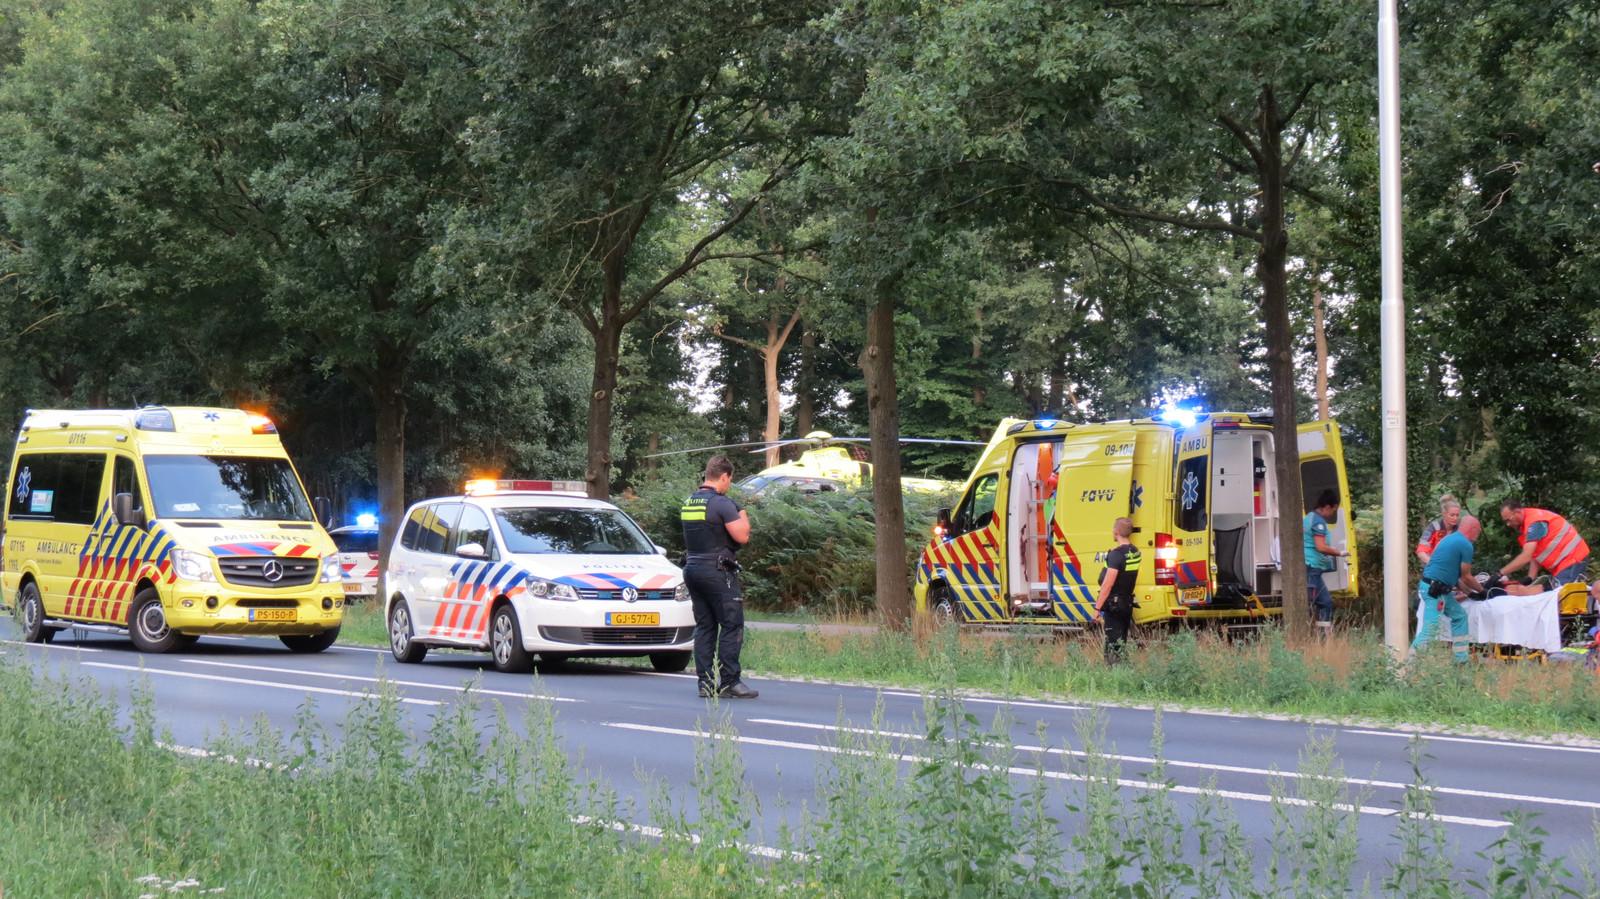 De vrouw die van haar racefiets werd gereden raakte ernstig gewond.